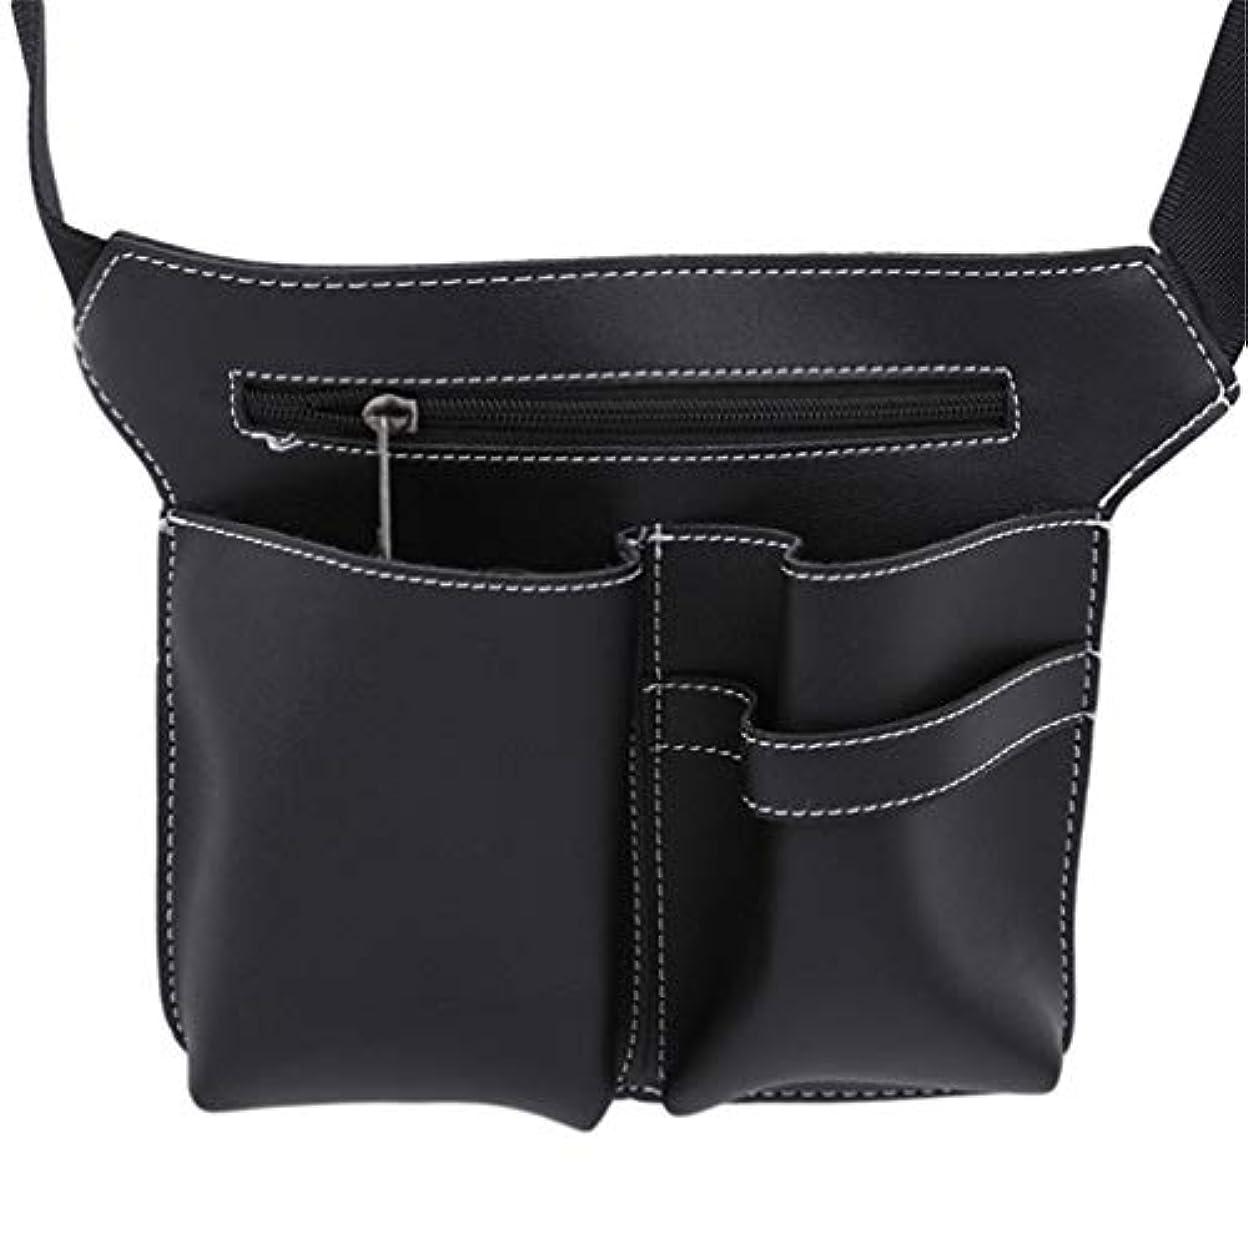 平衡ショート宗教的なMARUIKAO メイクブラシケース ウエストポーチ 収納バッグ はさみ オーガナイザー ホルダー 化粧ツール 便利グッズ ベルト 美容師 美容用品 保管ポケット